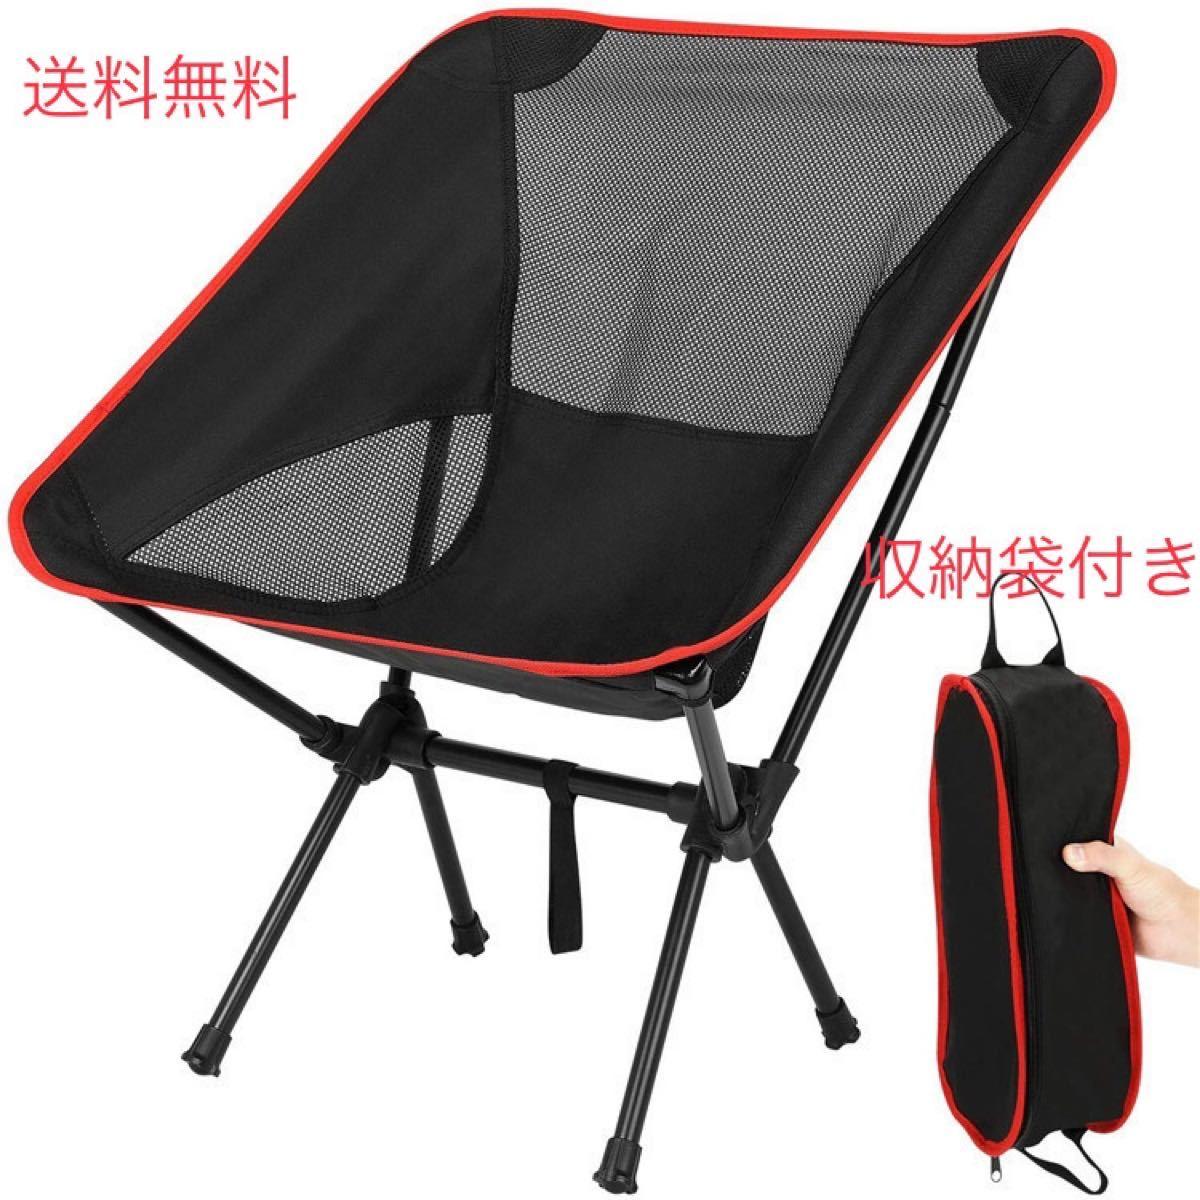 アウトドアチェア コンパクトチェア キャンプ椅子 黒